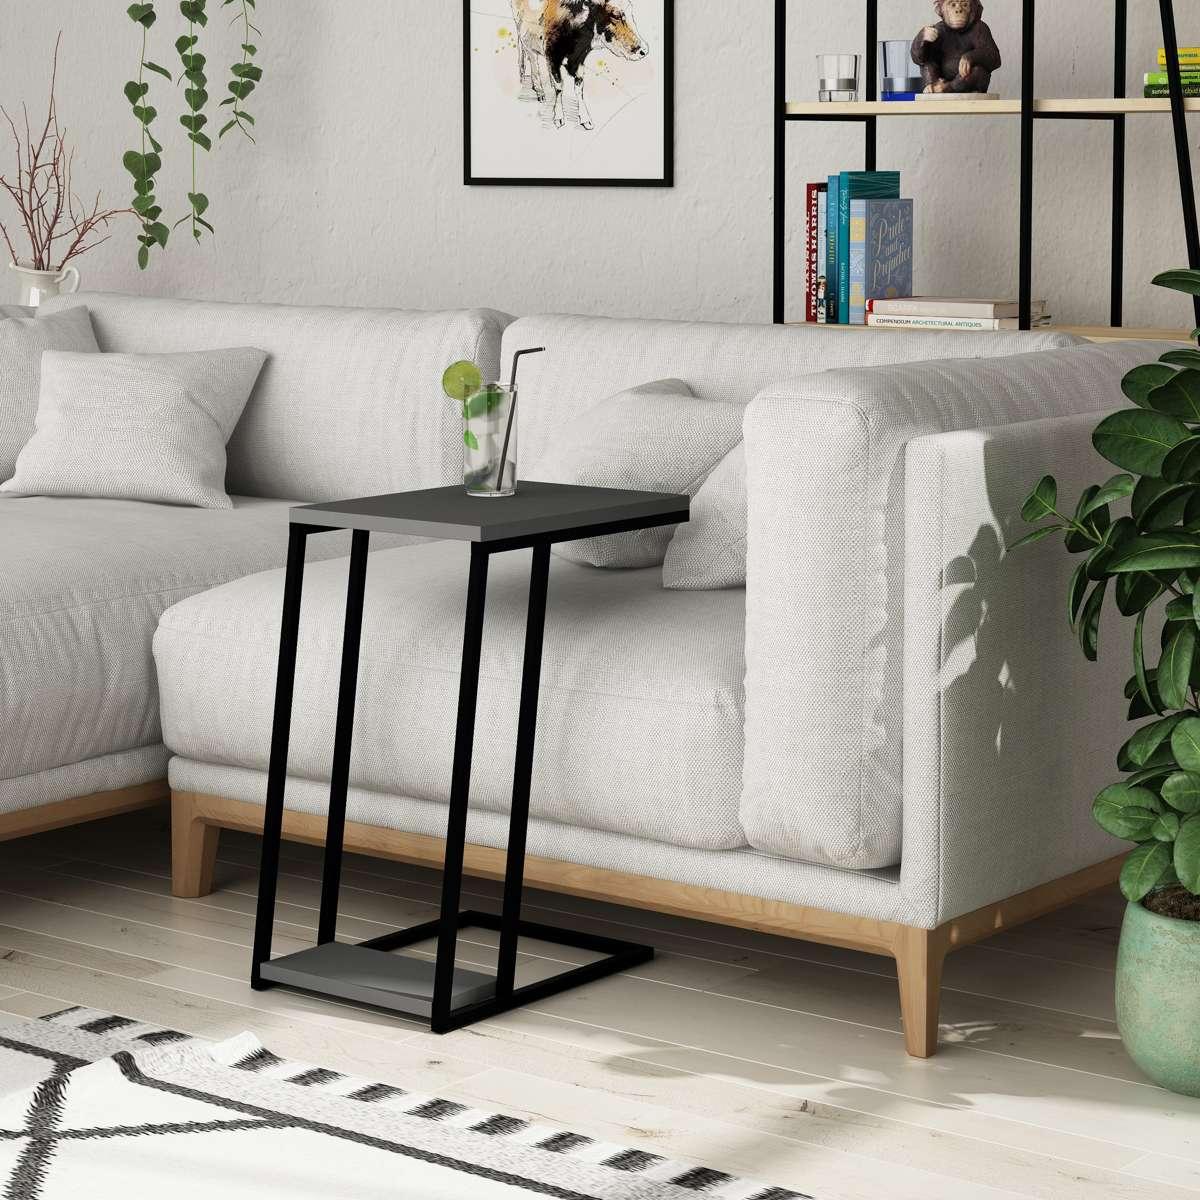 שולחן צד Pal C Side Table אפור מסדרת Decoline אפור מסדרת Decoline